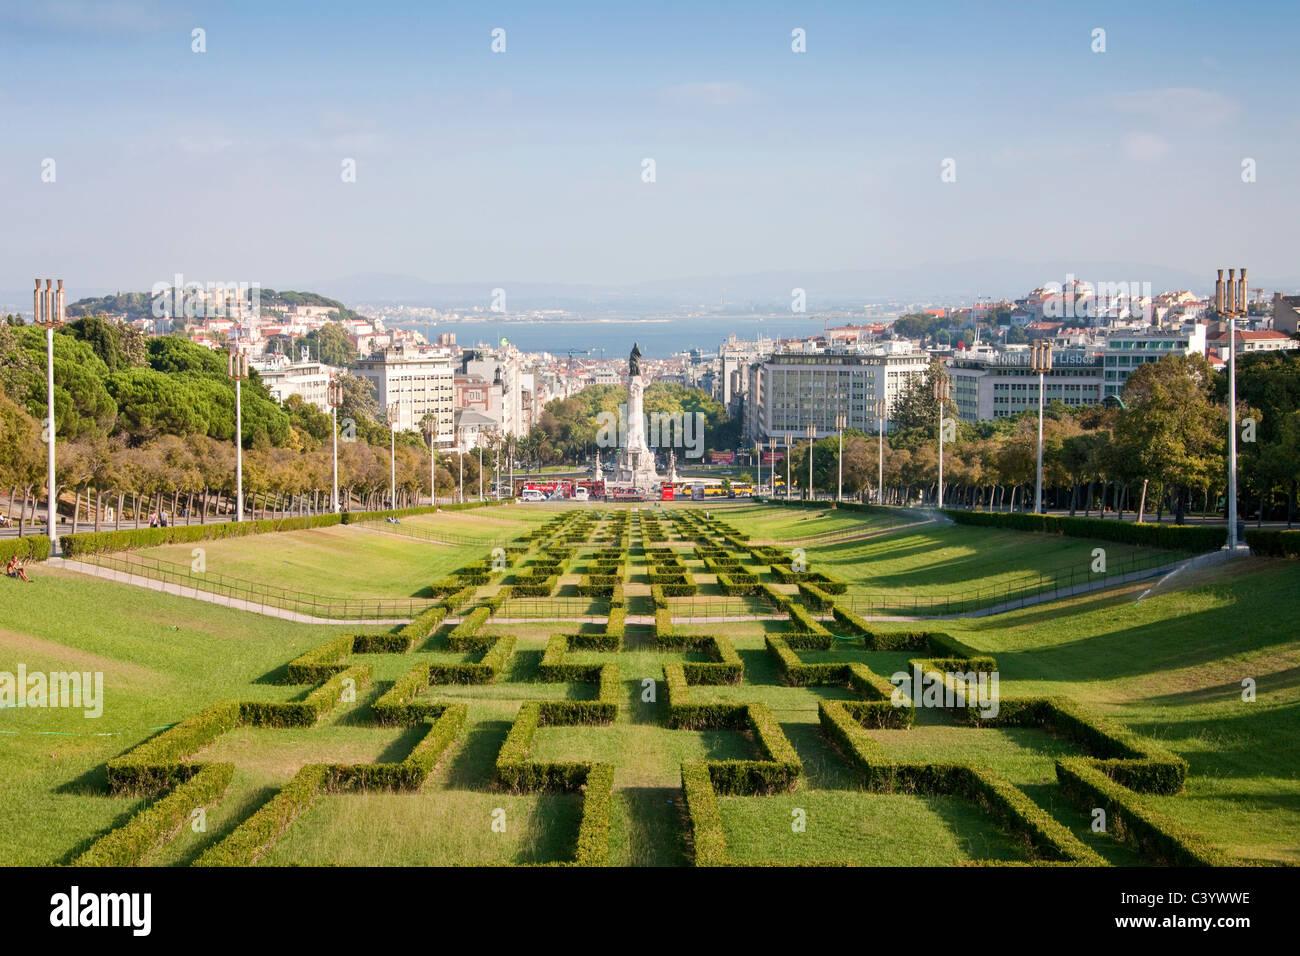 Il Portogallo, Europa, Lisbona, Eduardo, park, parco, colonna, panoramica, mare, città, Immagini Stock